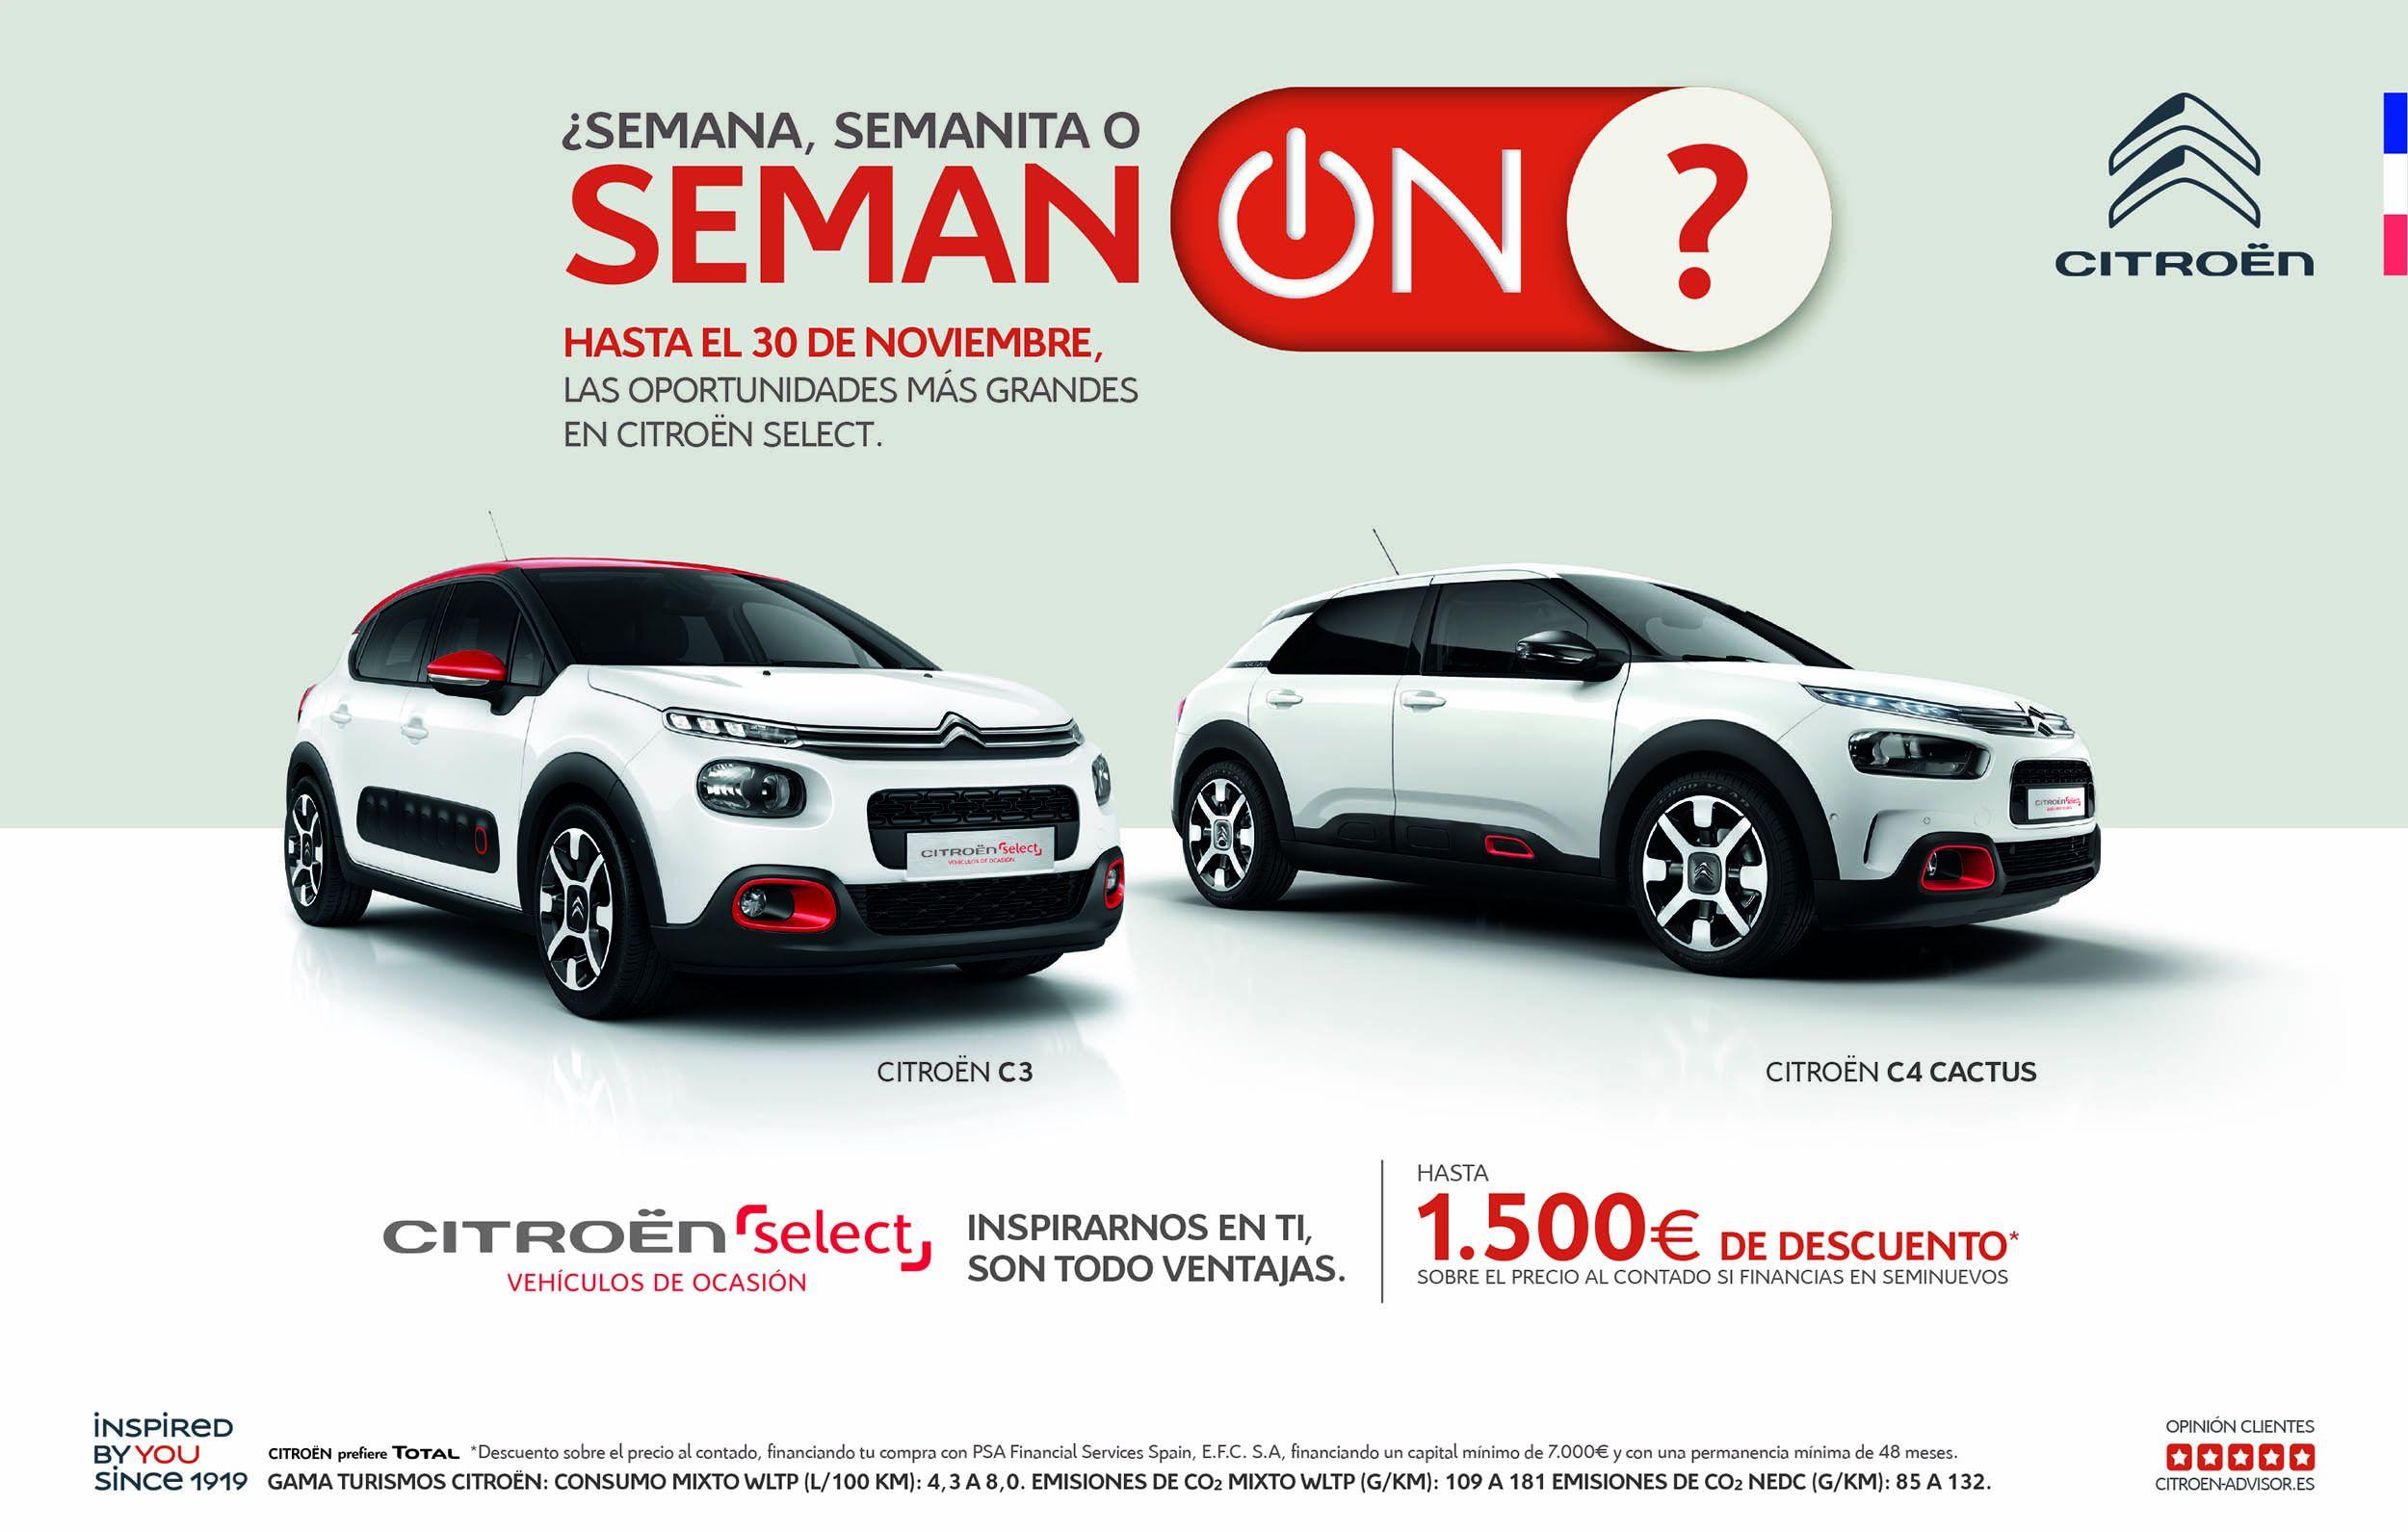 ¿Semana, Semanita o Seman-ON? Las oportunidades más grandes en Citroën Select